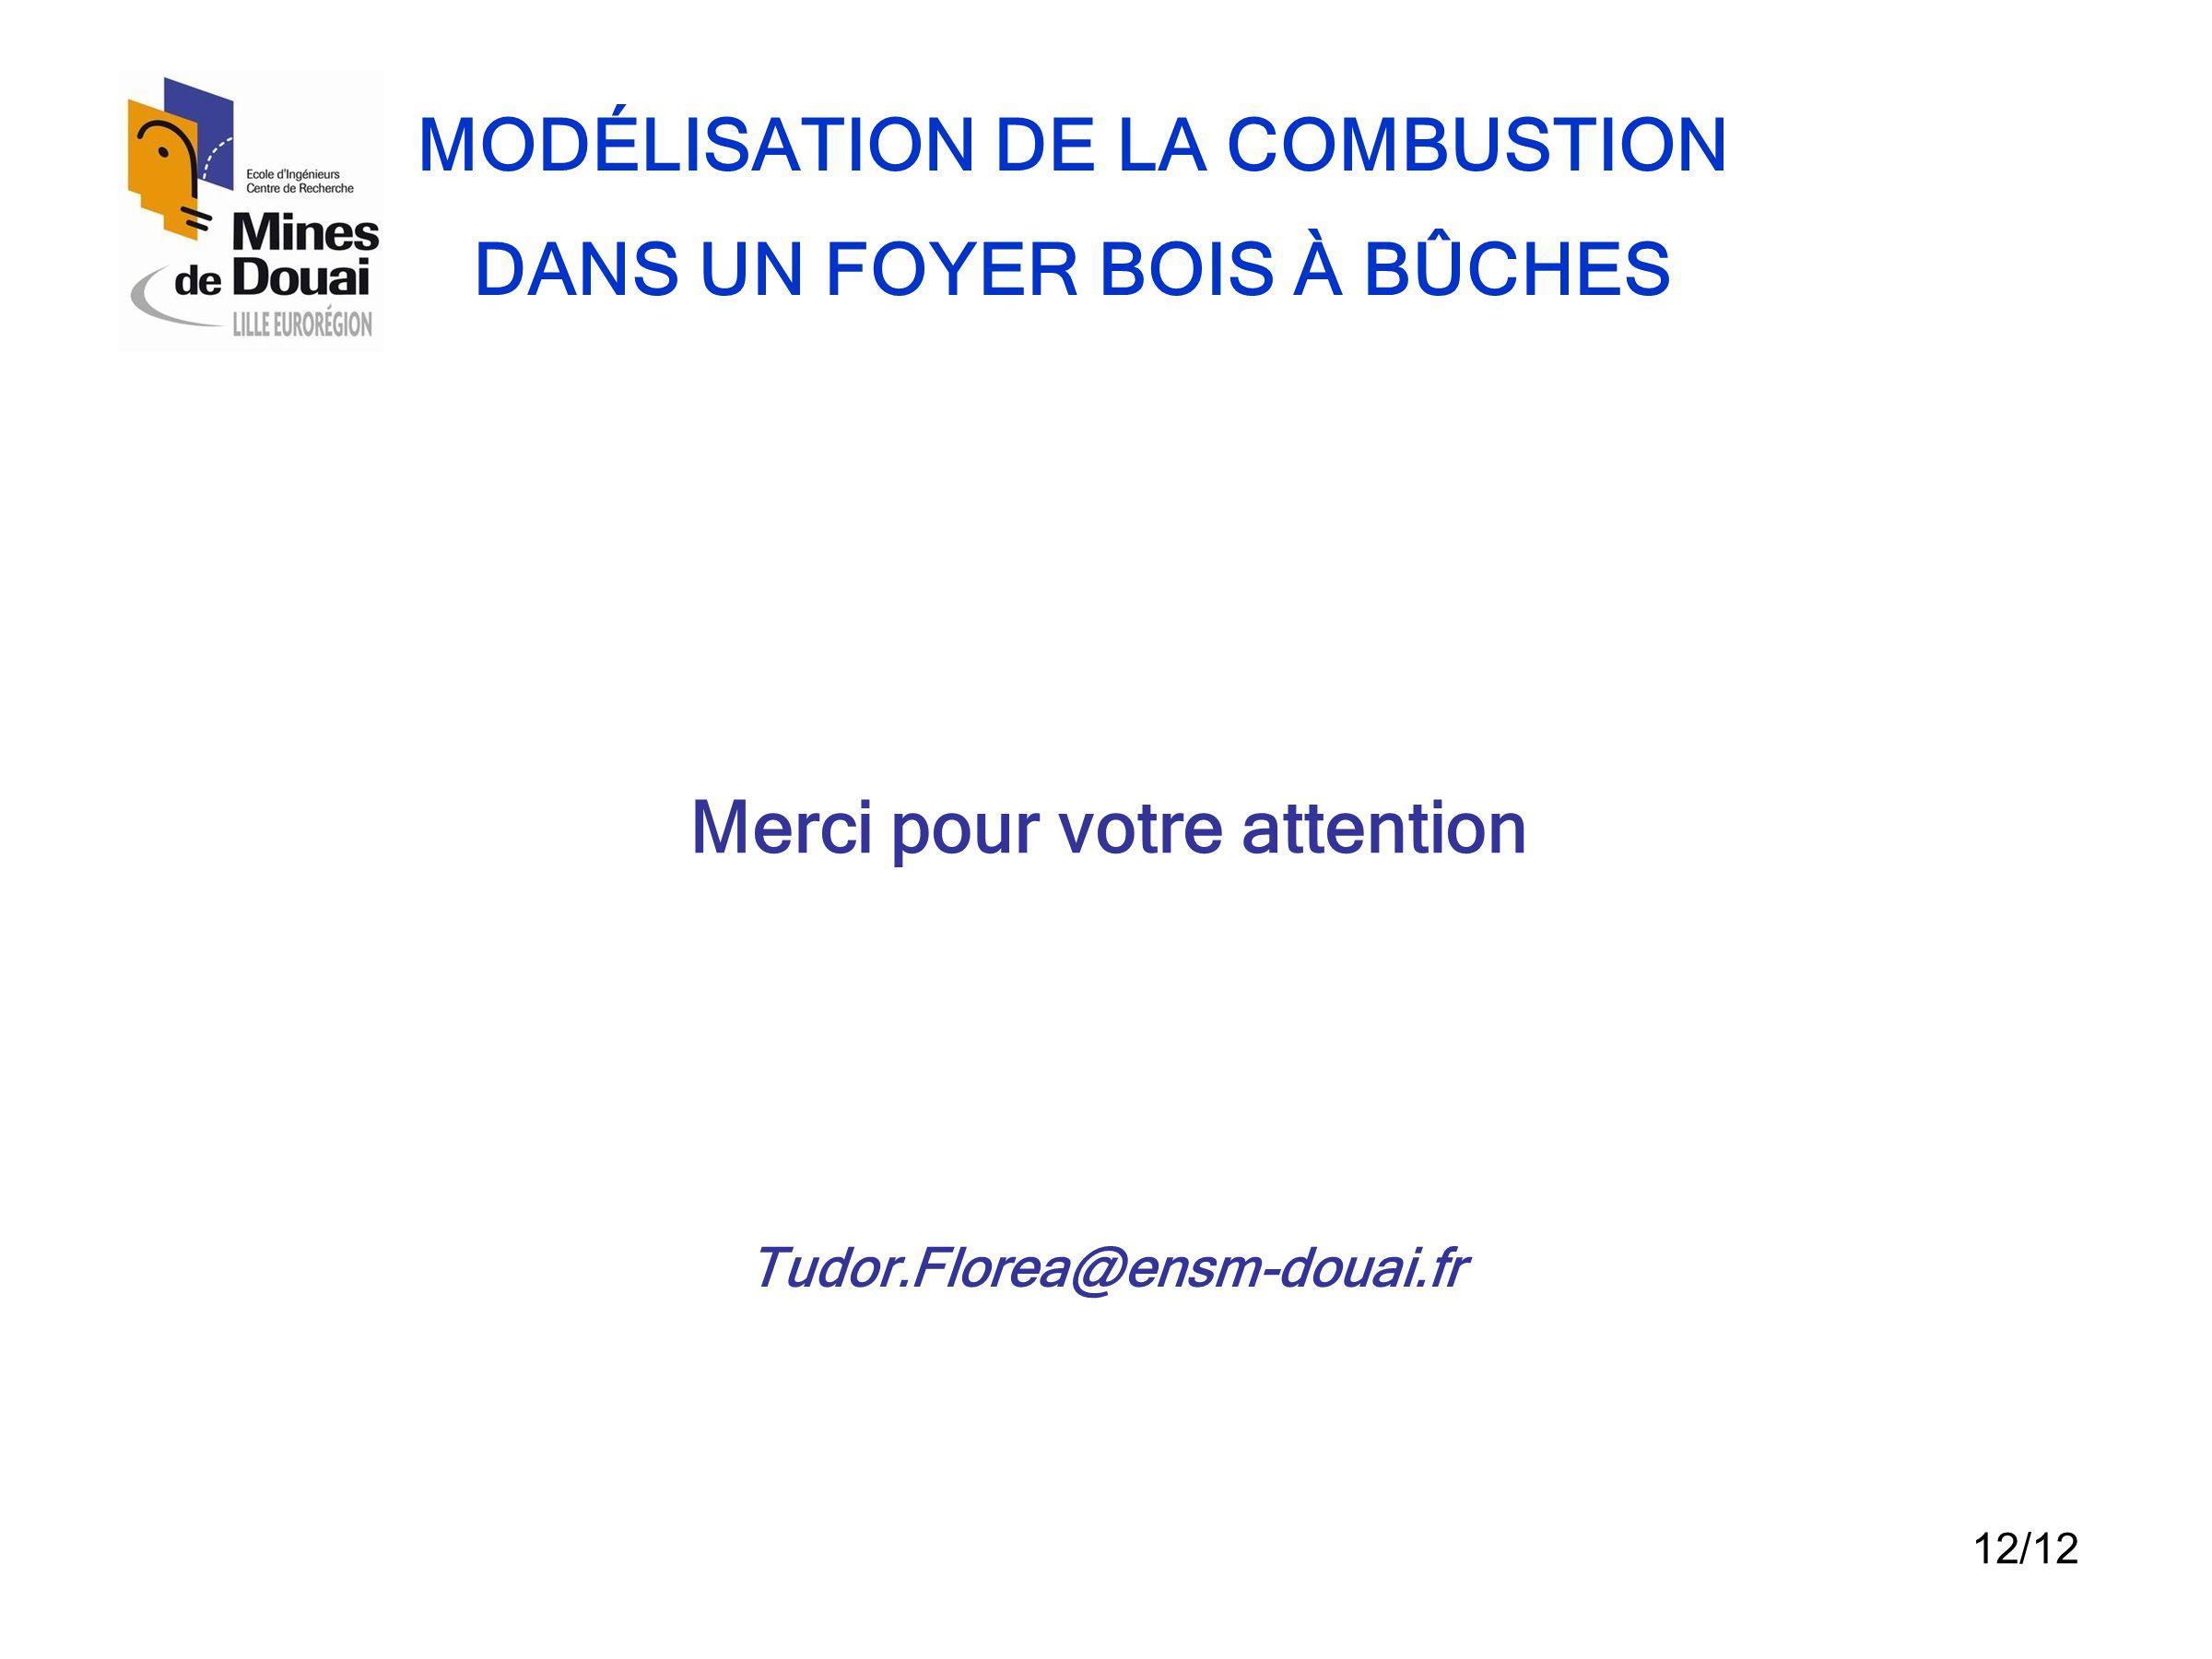 12/12 MODÉLISATION DE LA COMBUSTION DANS UN FOYER BOIS À BÛCHES Merci pour votre attention Tudor.Florea@ensm-douai.fr